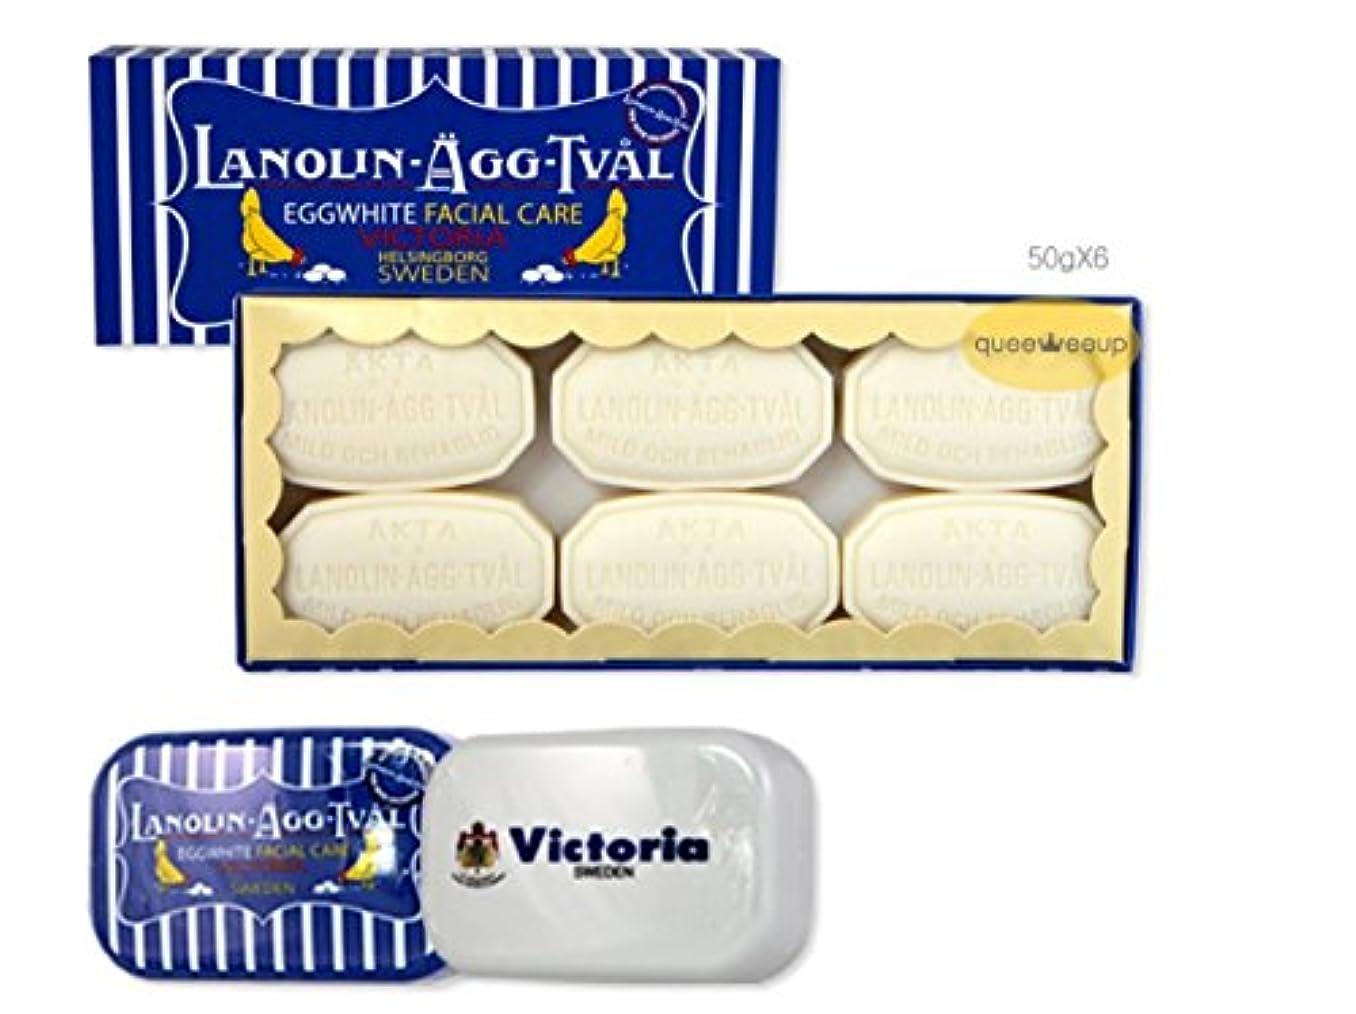 の慈悲で制限禁止Victoria (ヴィクトリア) ニューエッグパックソープ 50g×6個 + ケース